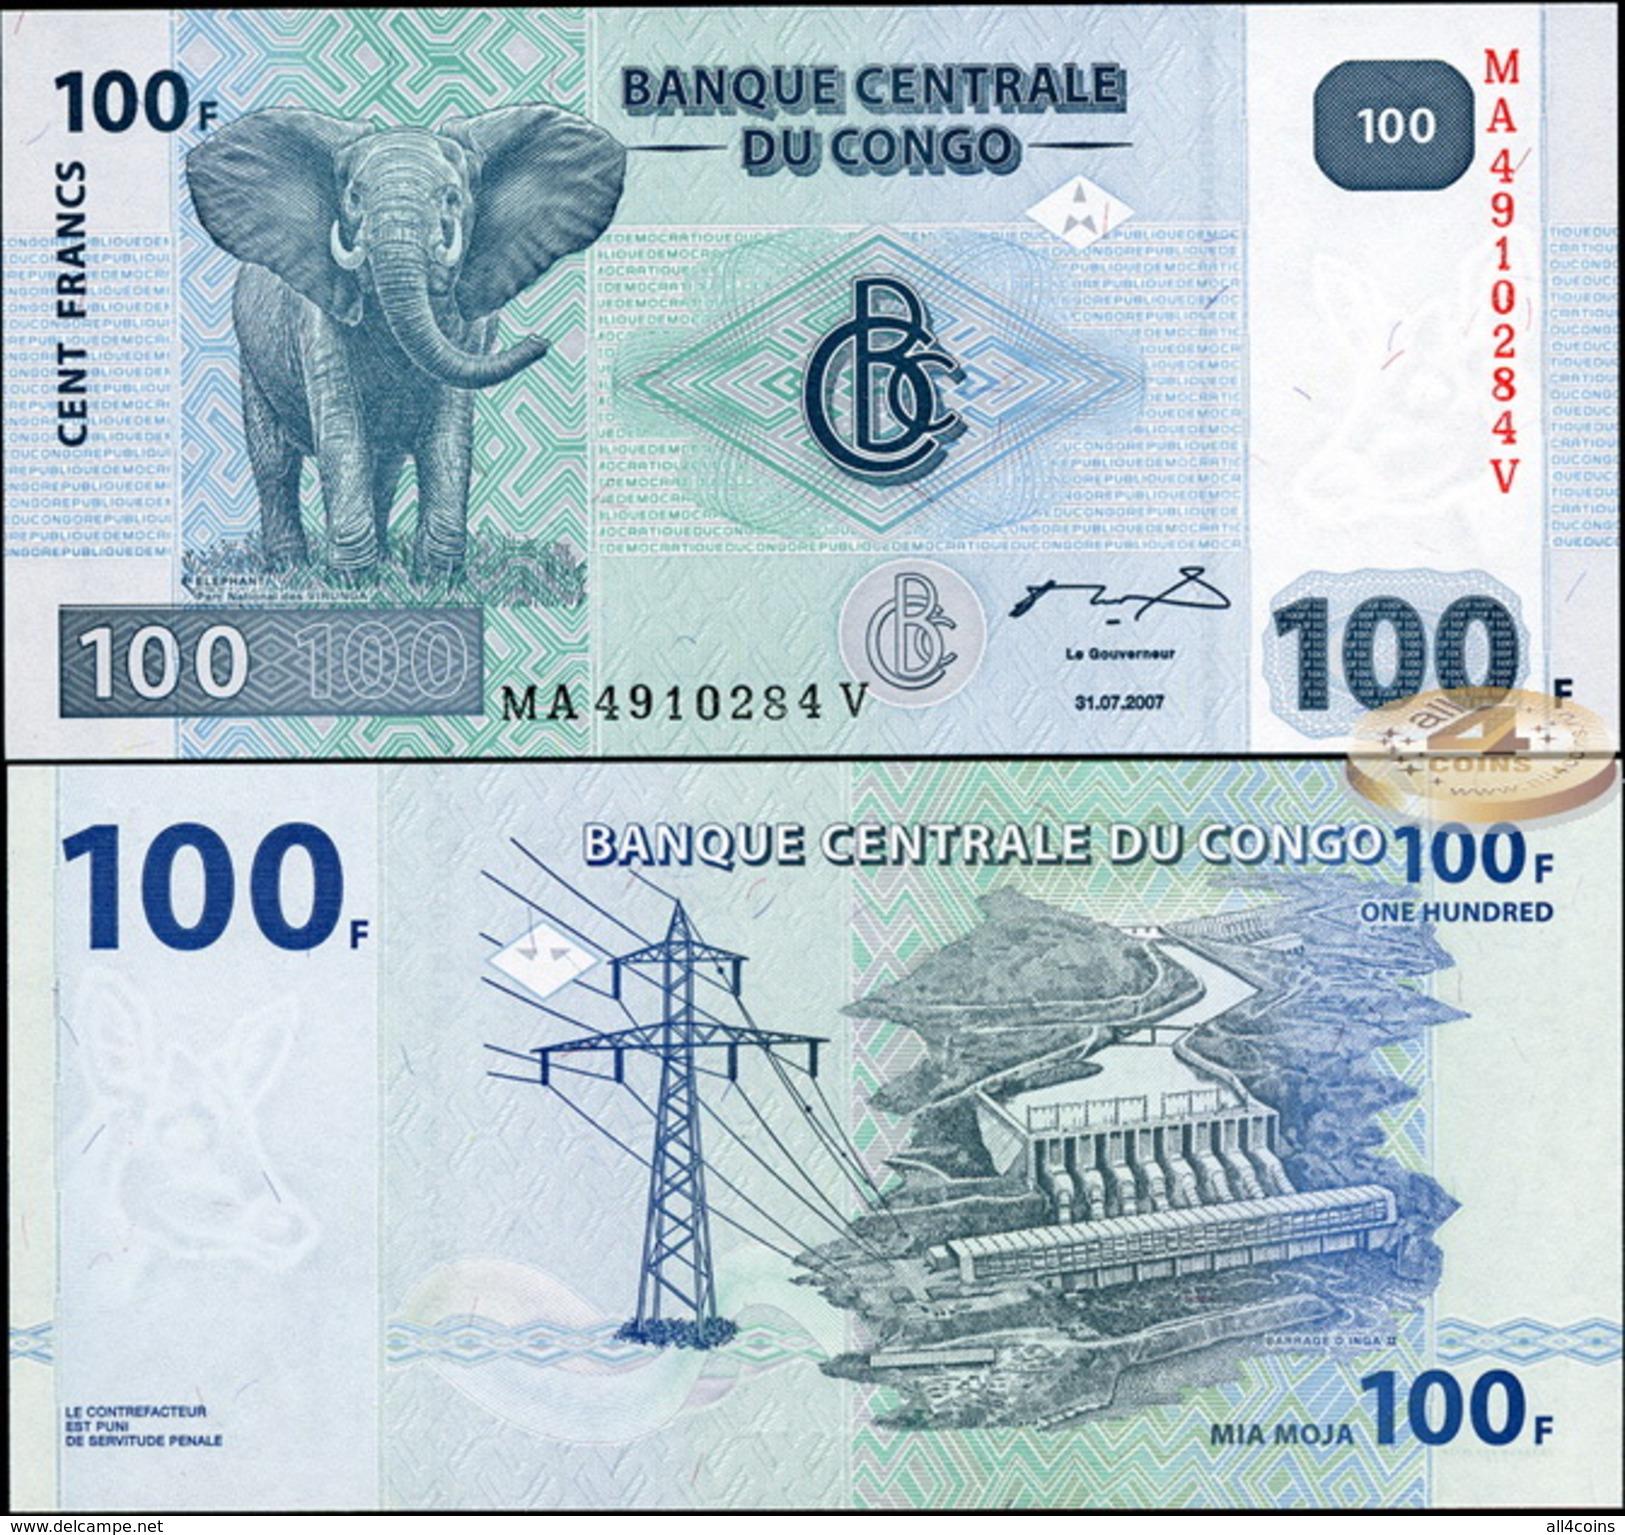 Congo. 100 Francs (Unc) 2007. Banknote Cat# P.98a [DLC.BN02842] - Democratic Republic Of The Congo & Zaire